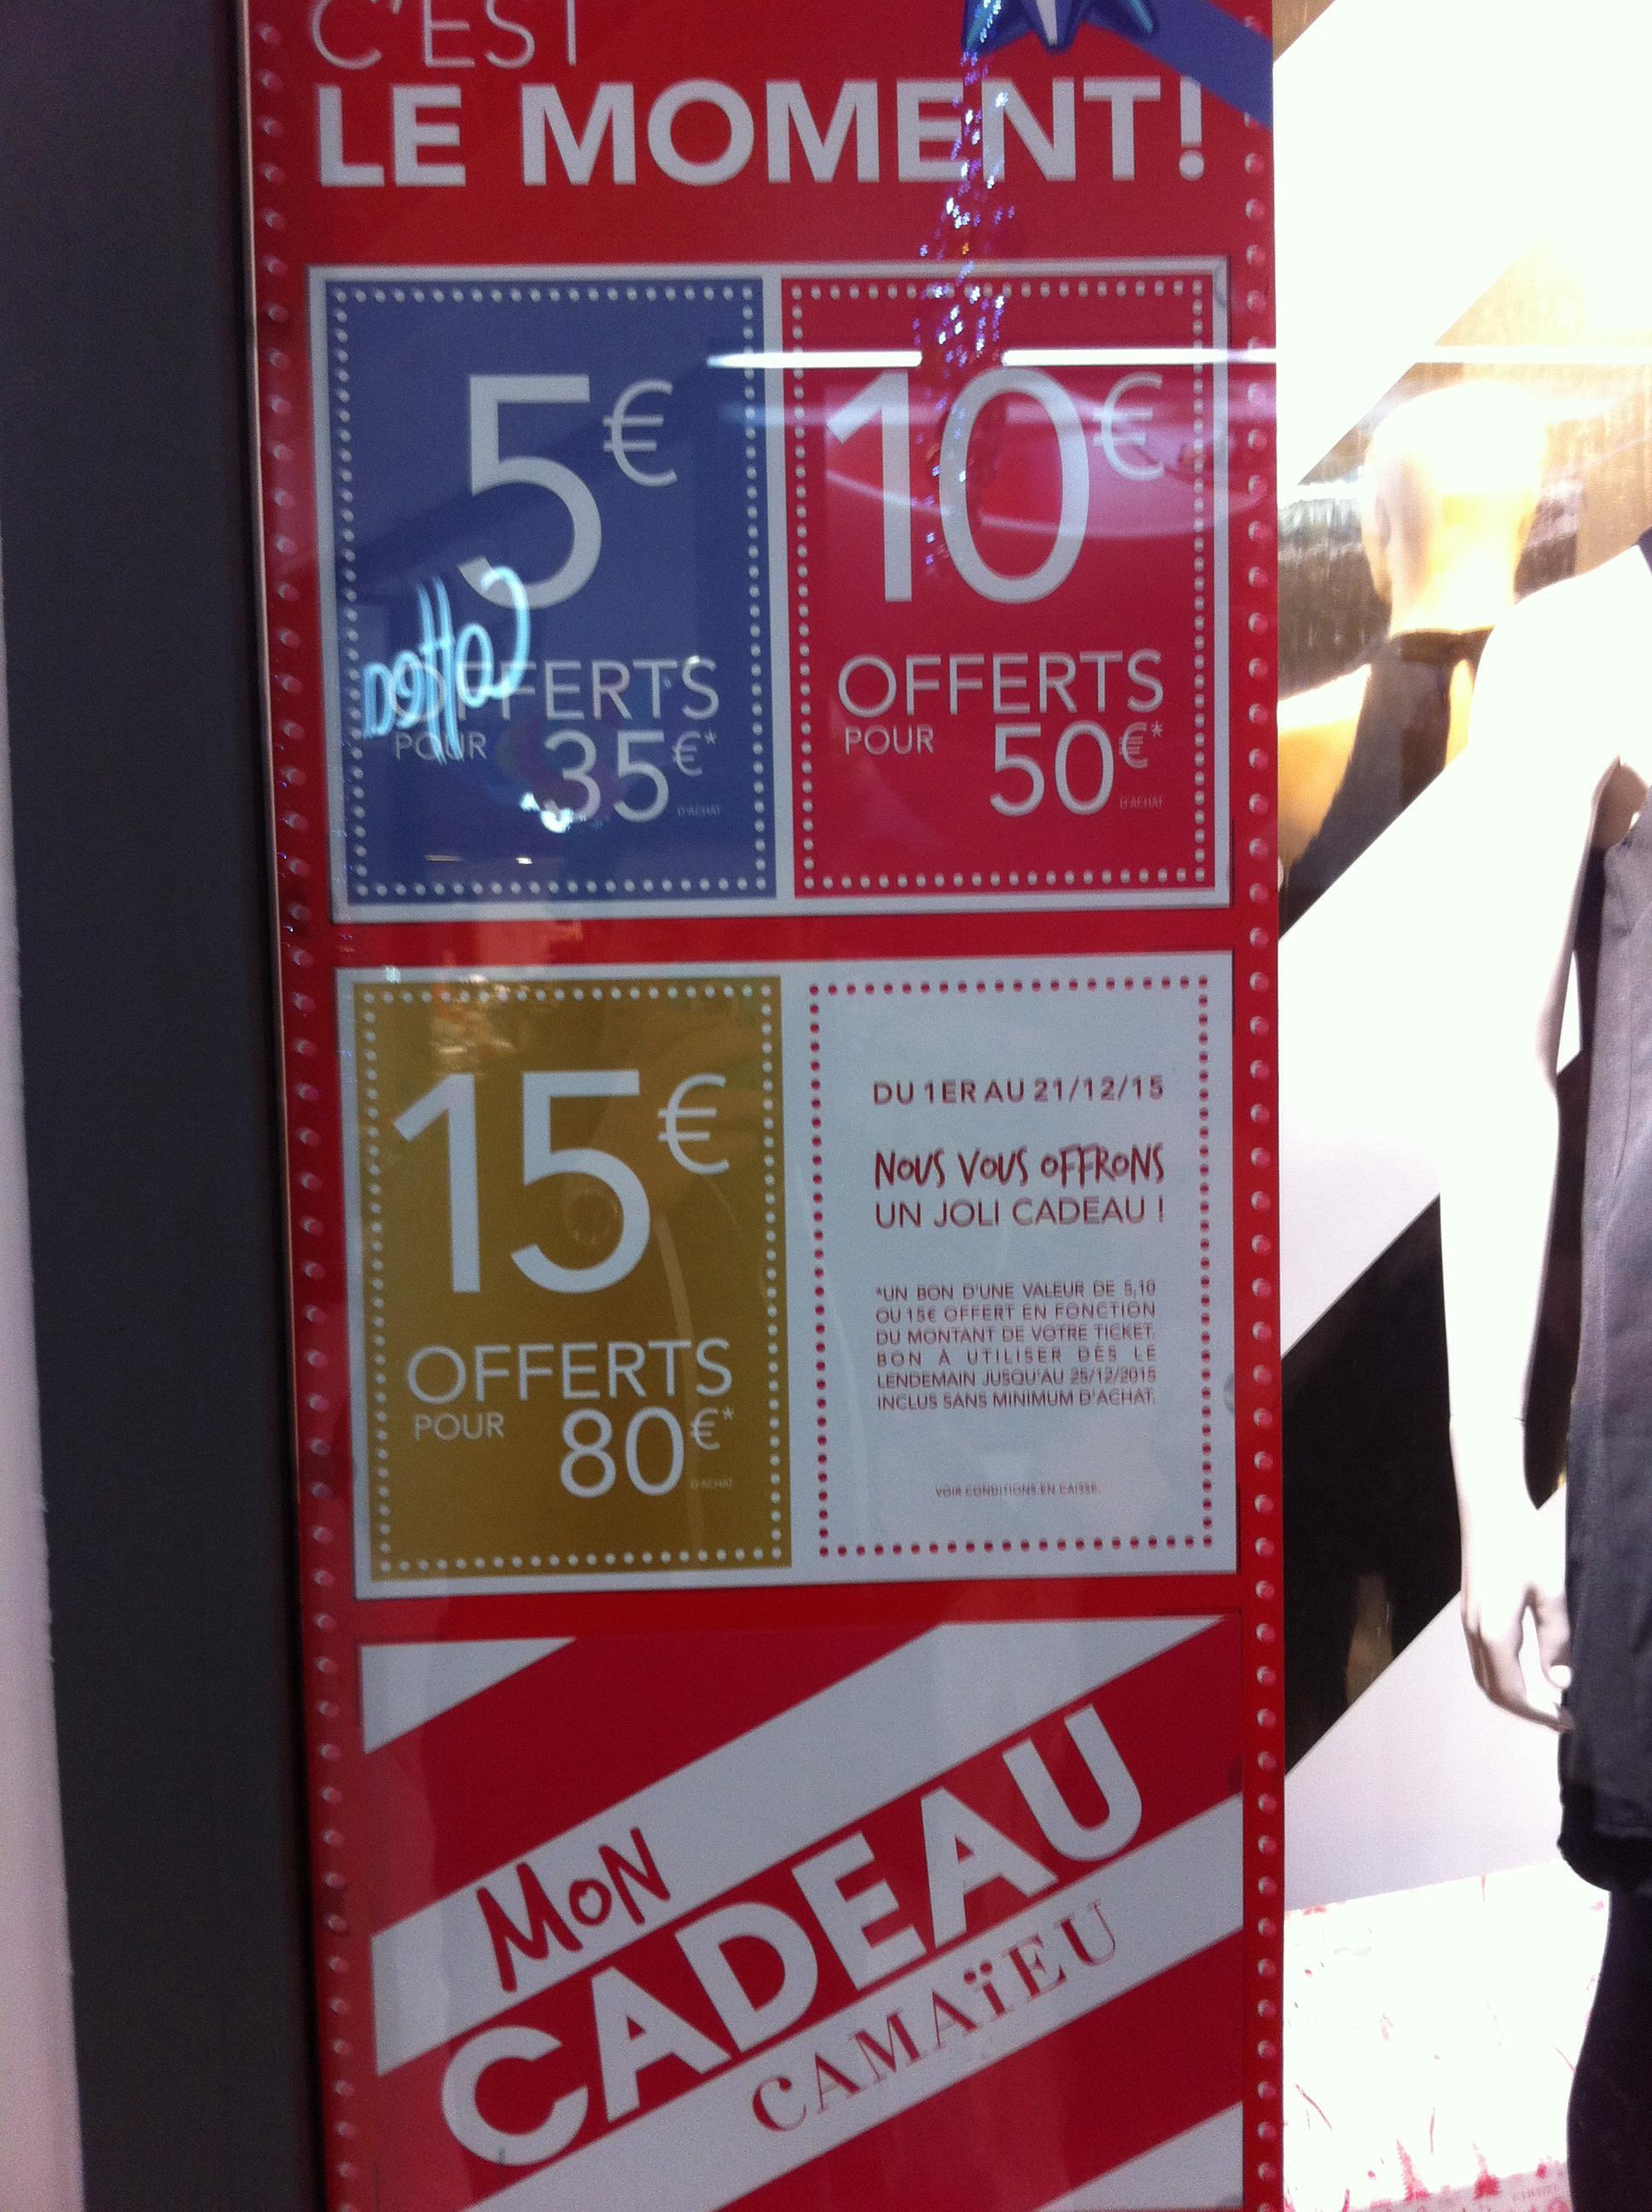 5€ de réduction dès 35€ d'achat, 10€ dès 50€ et 15€ dès 80€